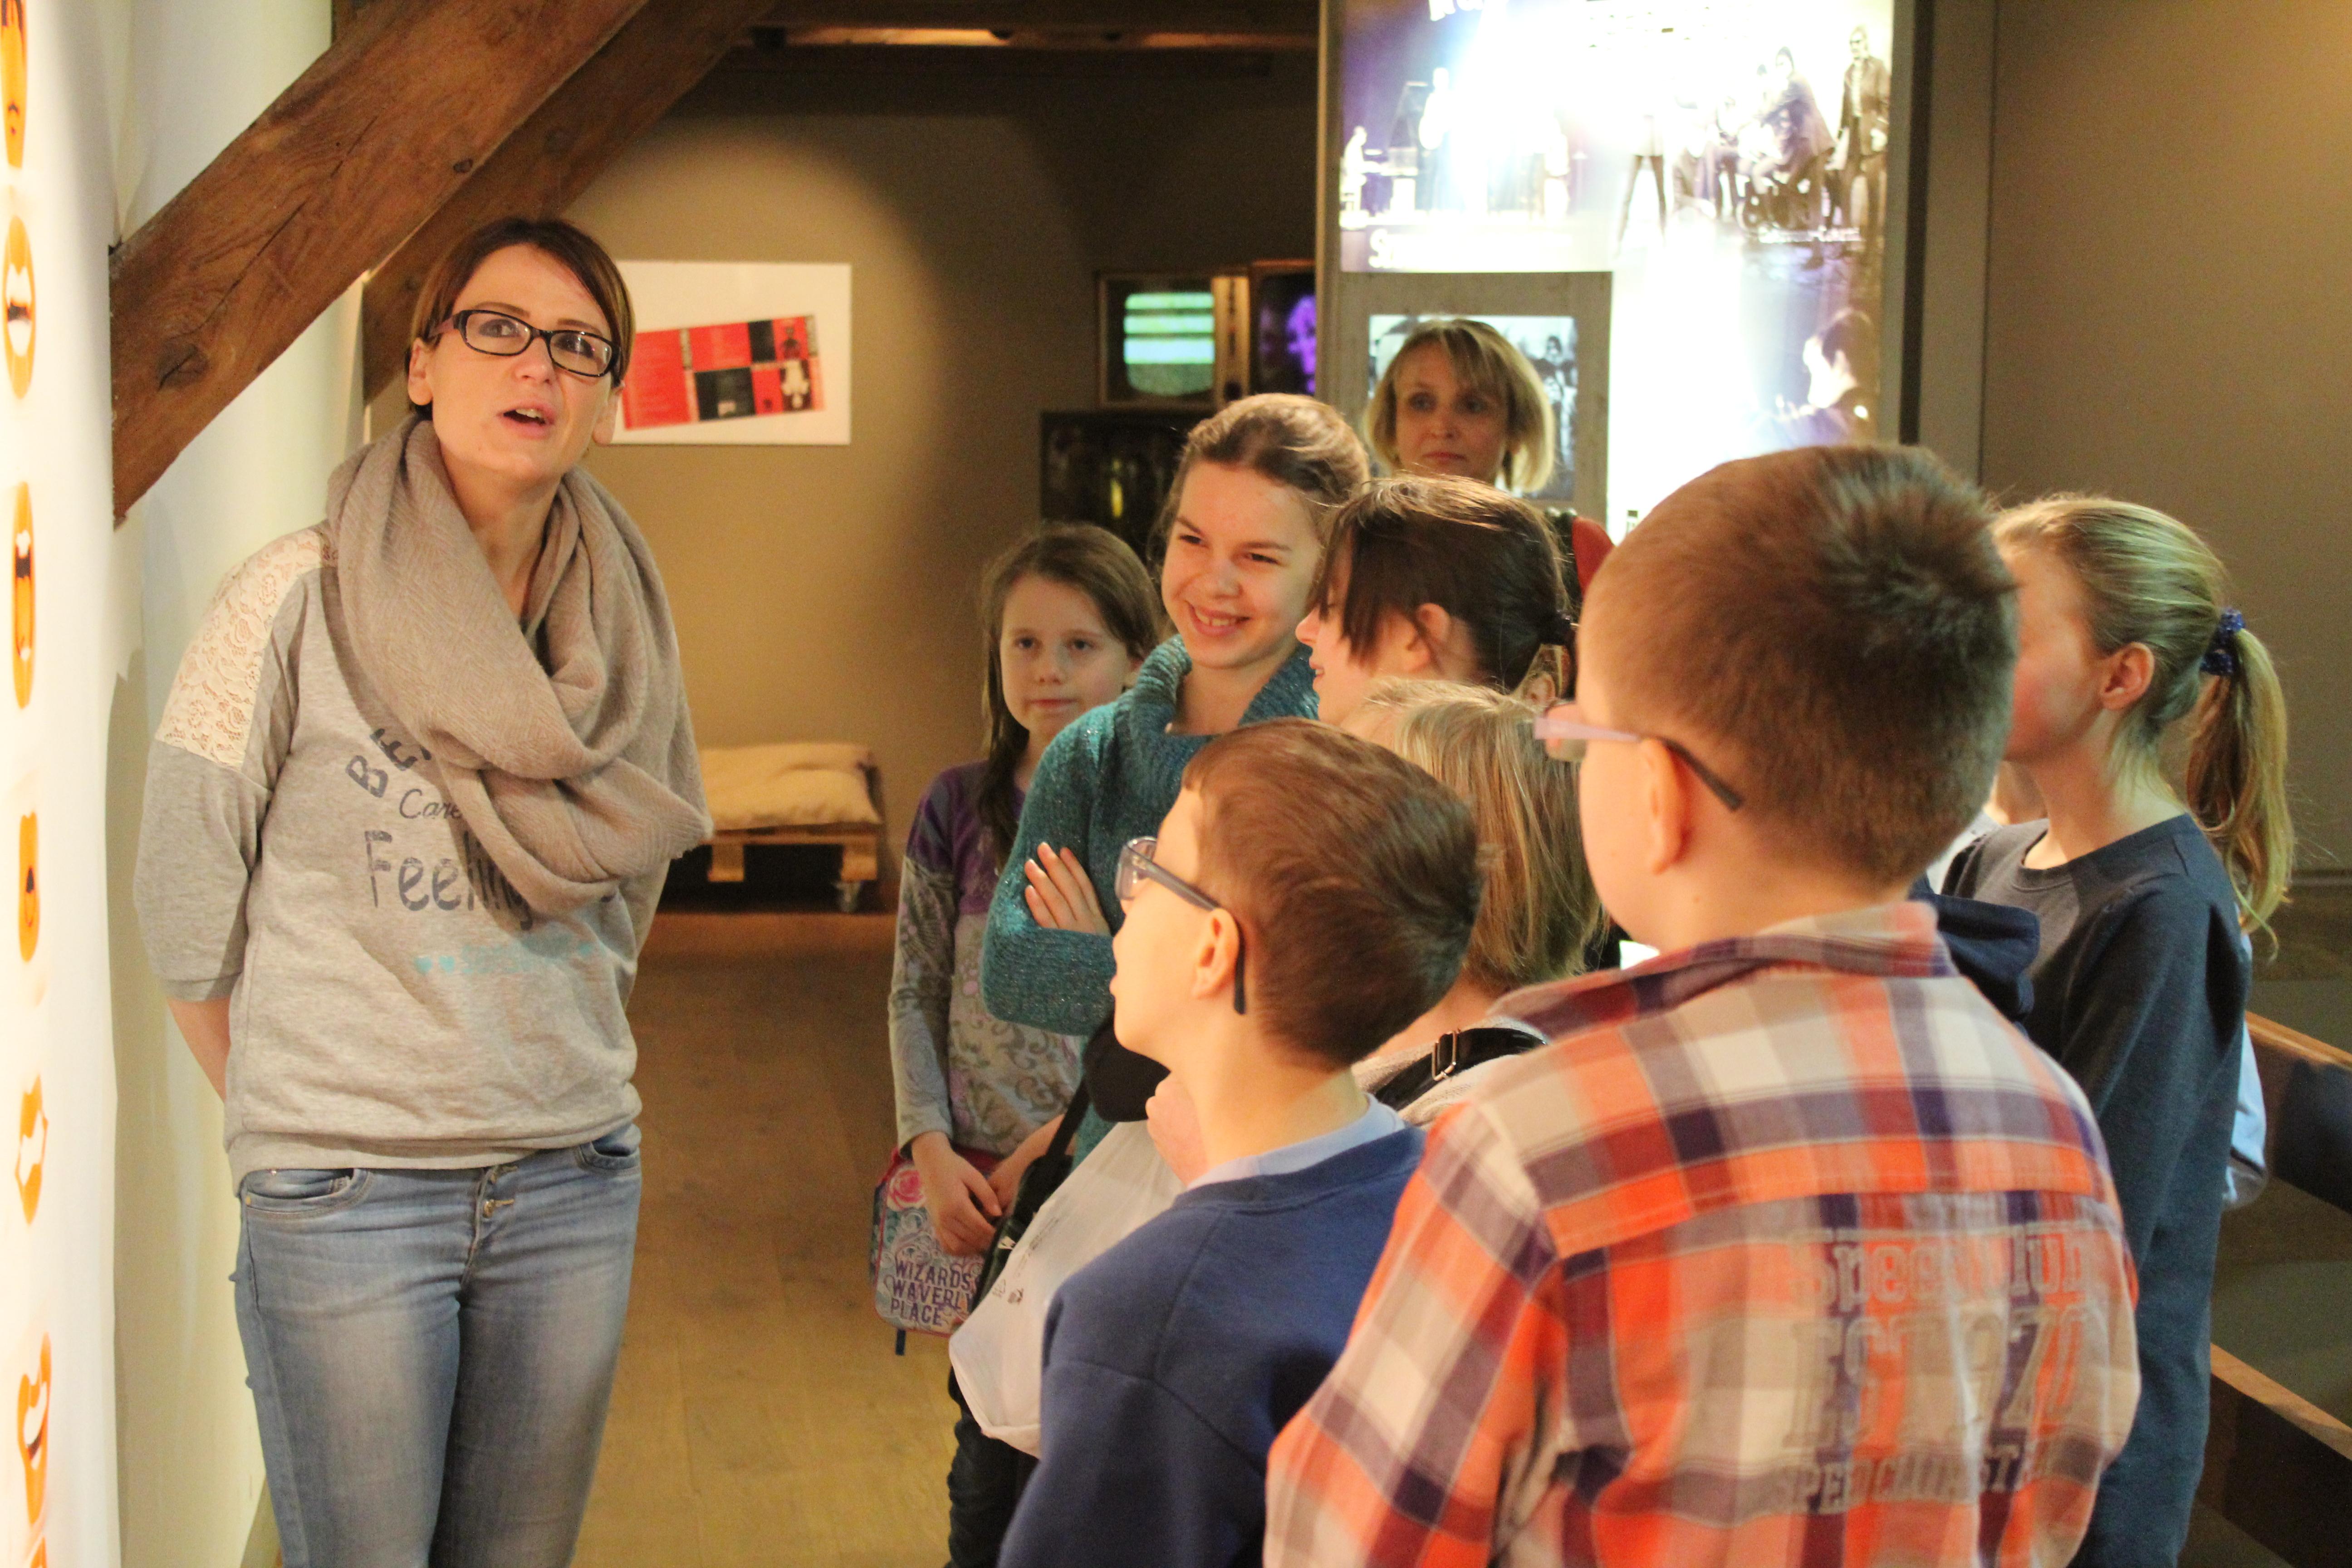 Lekcje muzealne – ależ się działo!